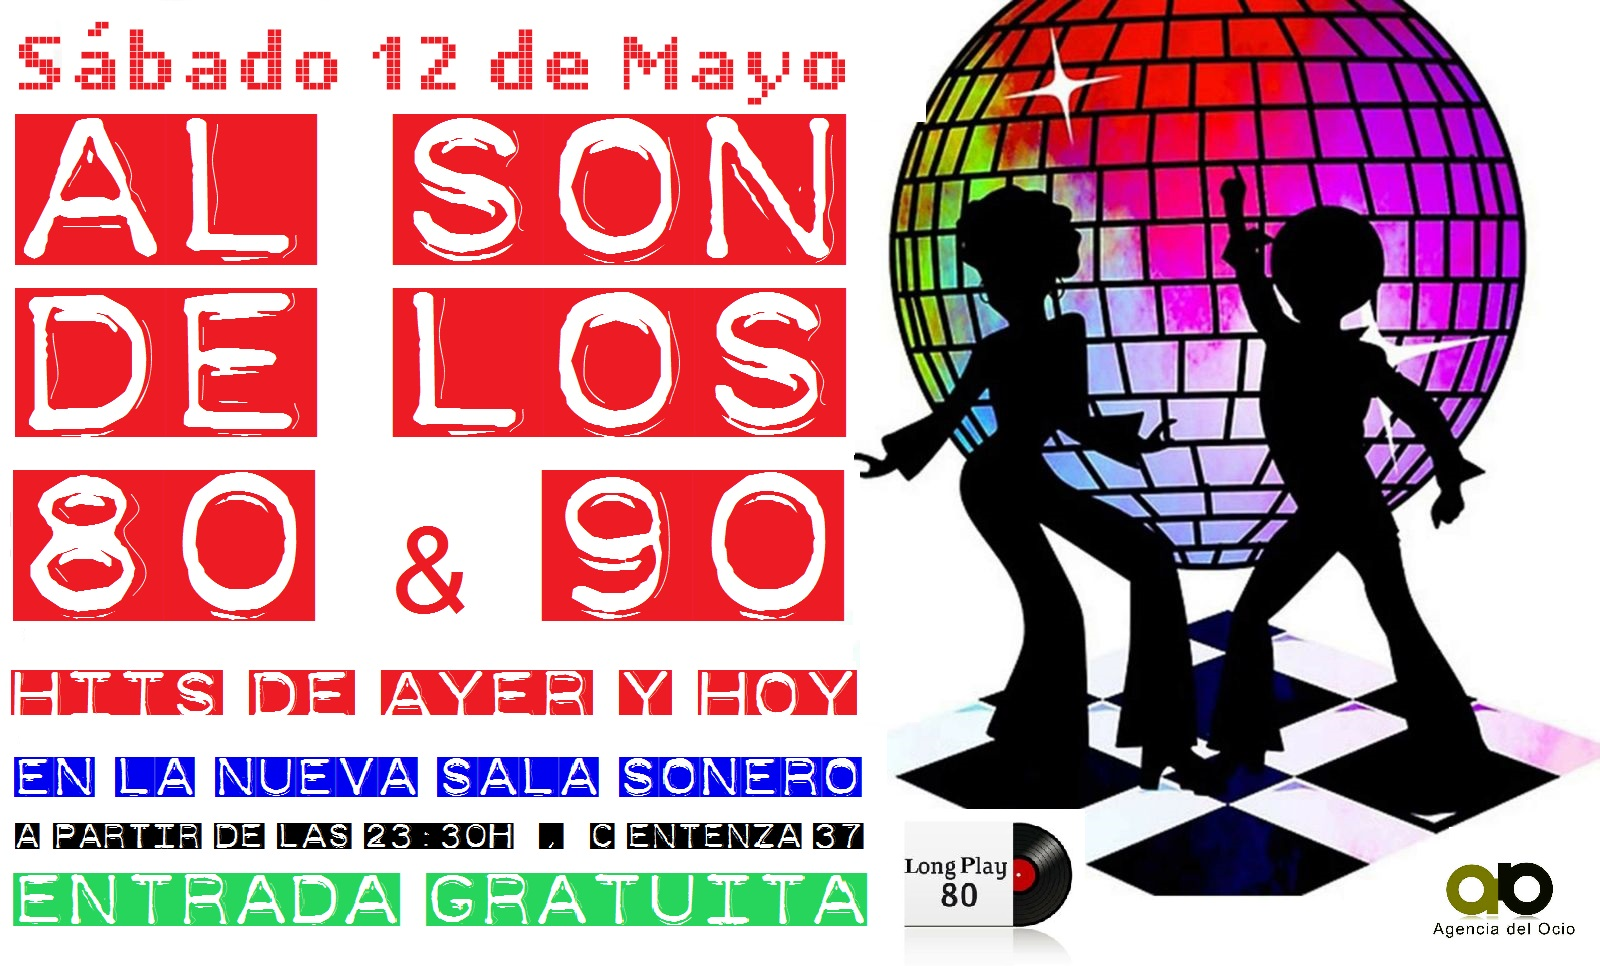 Flyer Fiesta Al Son De Los 80s & 90s